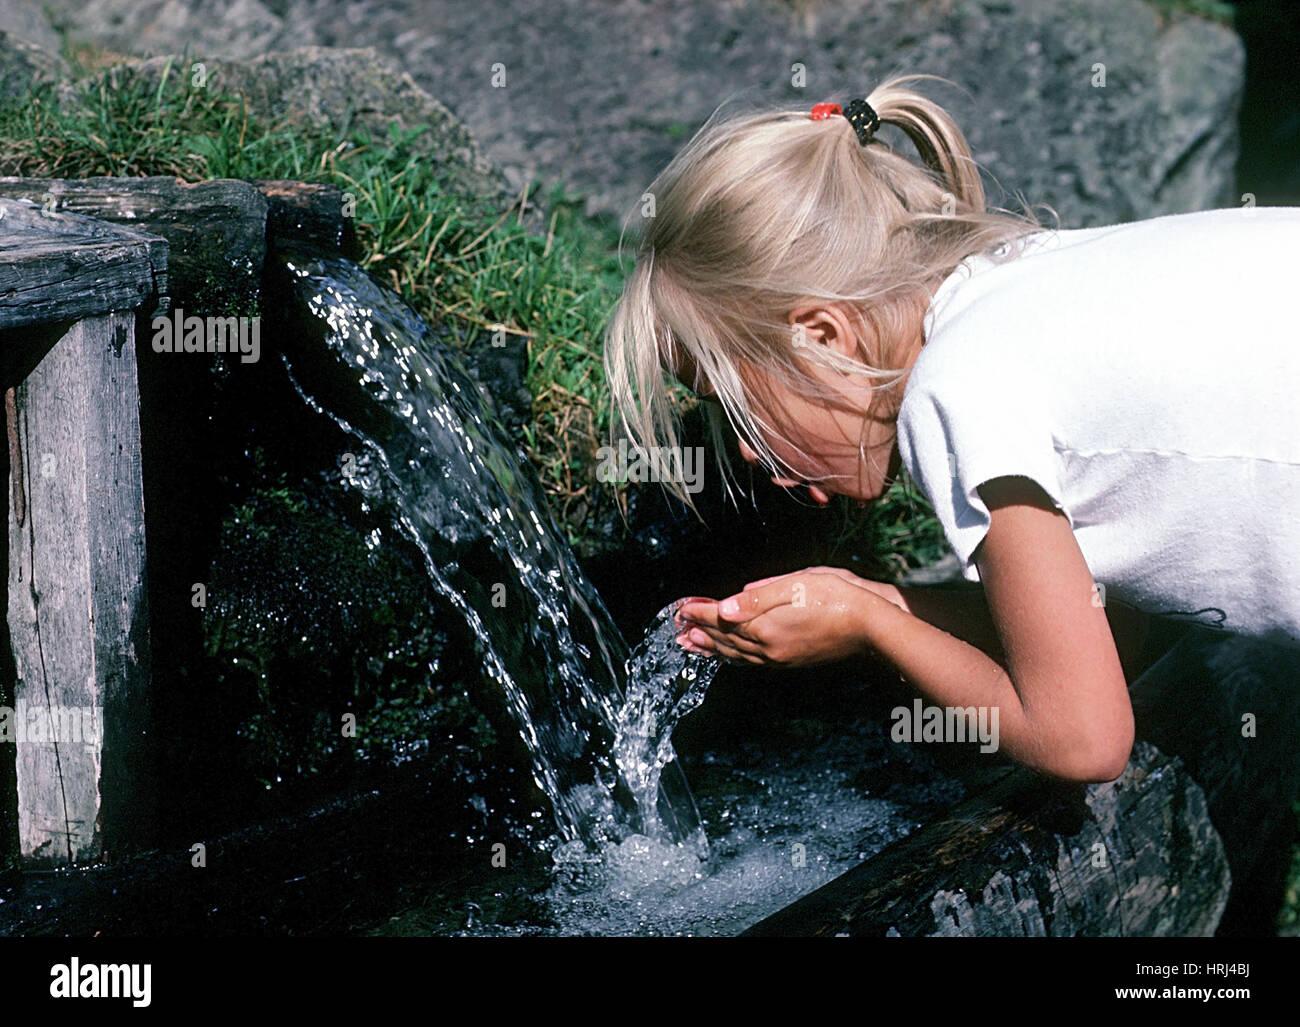 M?dchen trinkt Brunnenwasser - girl drinking well water Stock Photo